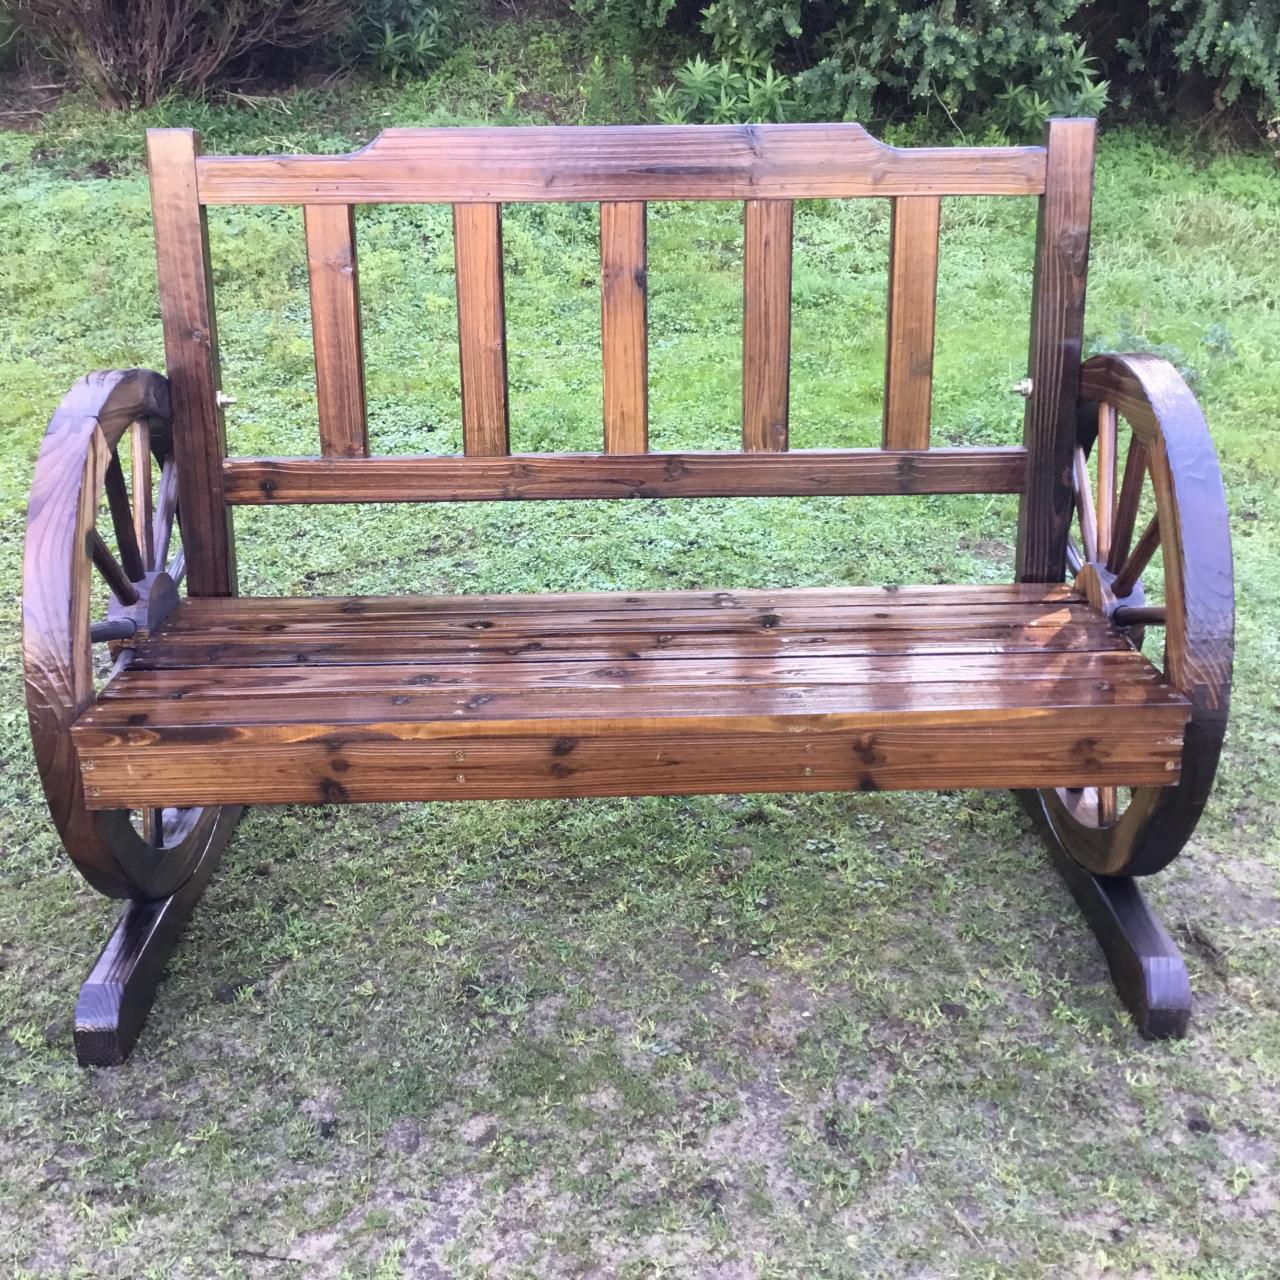 Wooden Garden Bench Timber Outdoor Patio Park Wagon Wheel